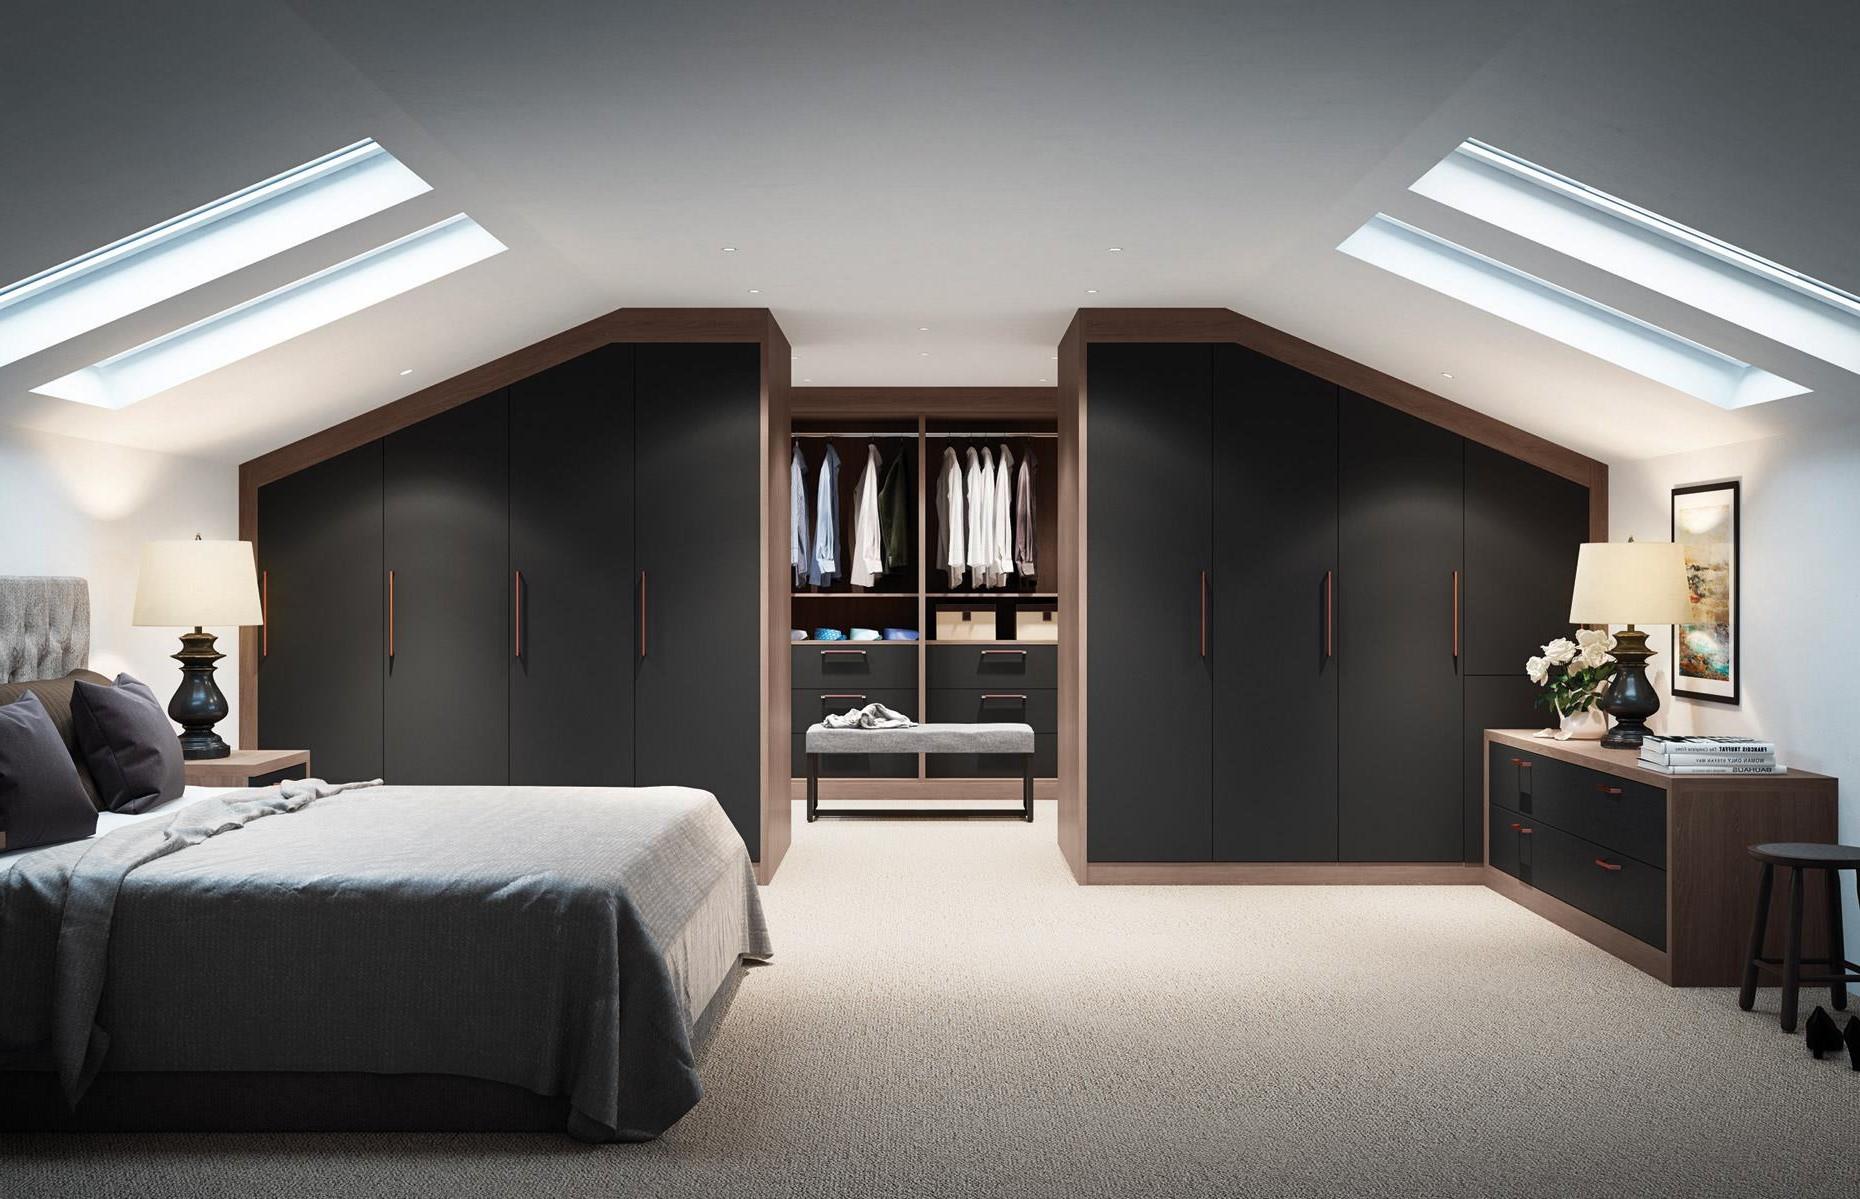 Si votre pièce est dotée de nombreuses fenêtres, ou si vous souhaitez simplement une sensation plus intense et enveloppante, expérimentez avec des teintes plus sombres - même le noir.